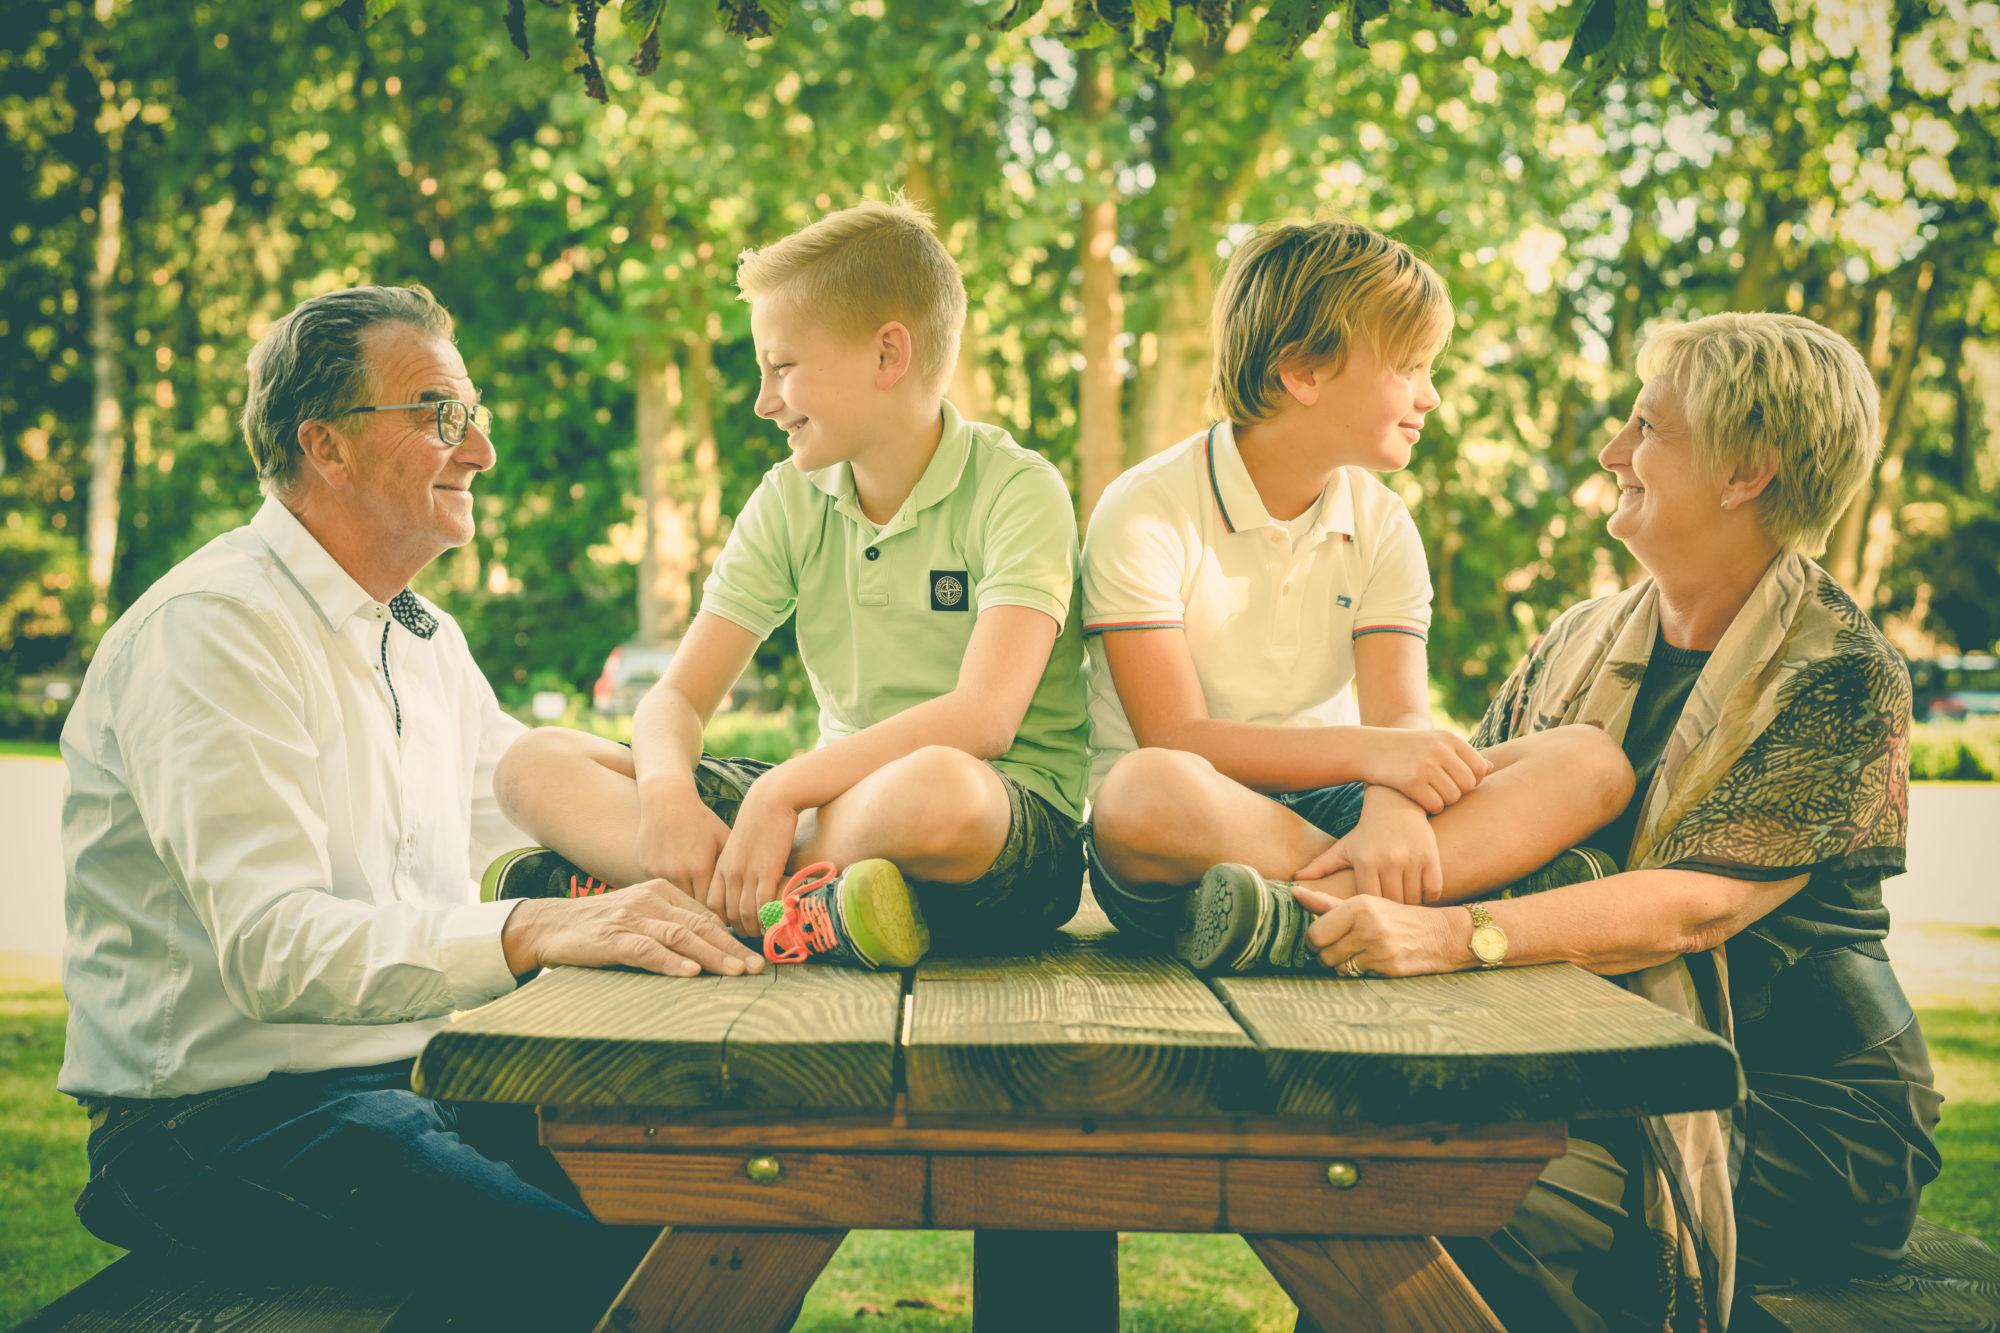 fotografie, Wouter van Middendorp, fotograaf, Uddel, Veluwe, Nunspeet, Putten, Barneveld, Speulderboschhotel, familieshoot